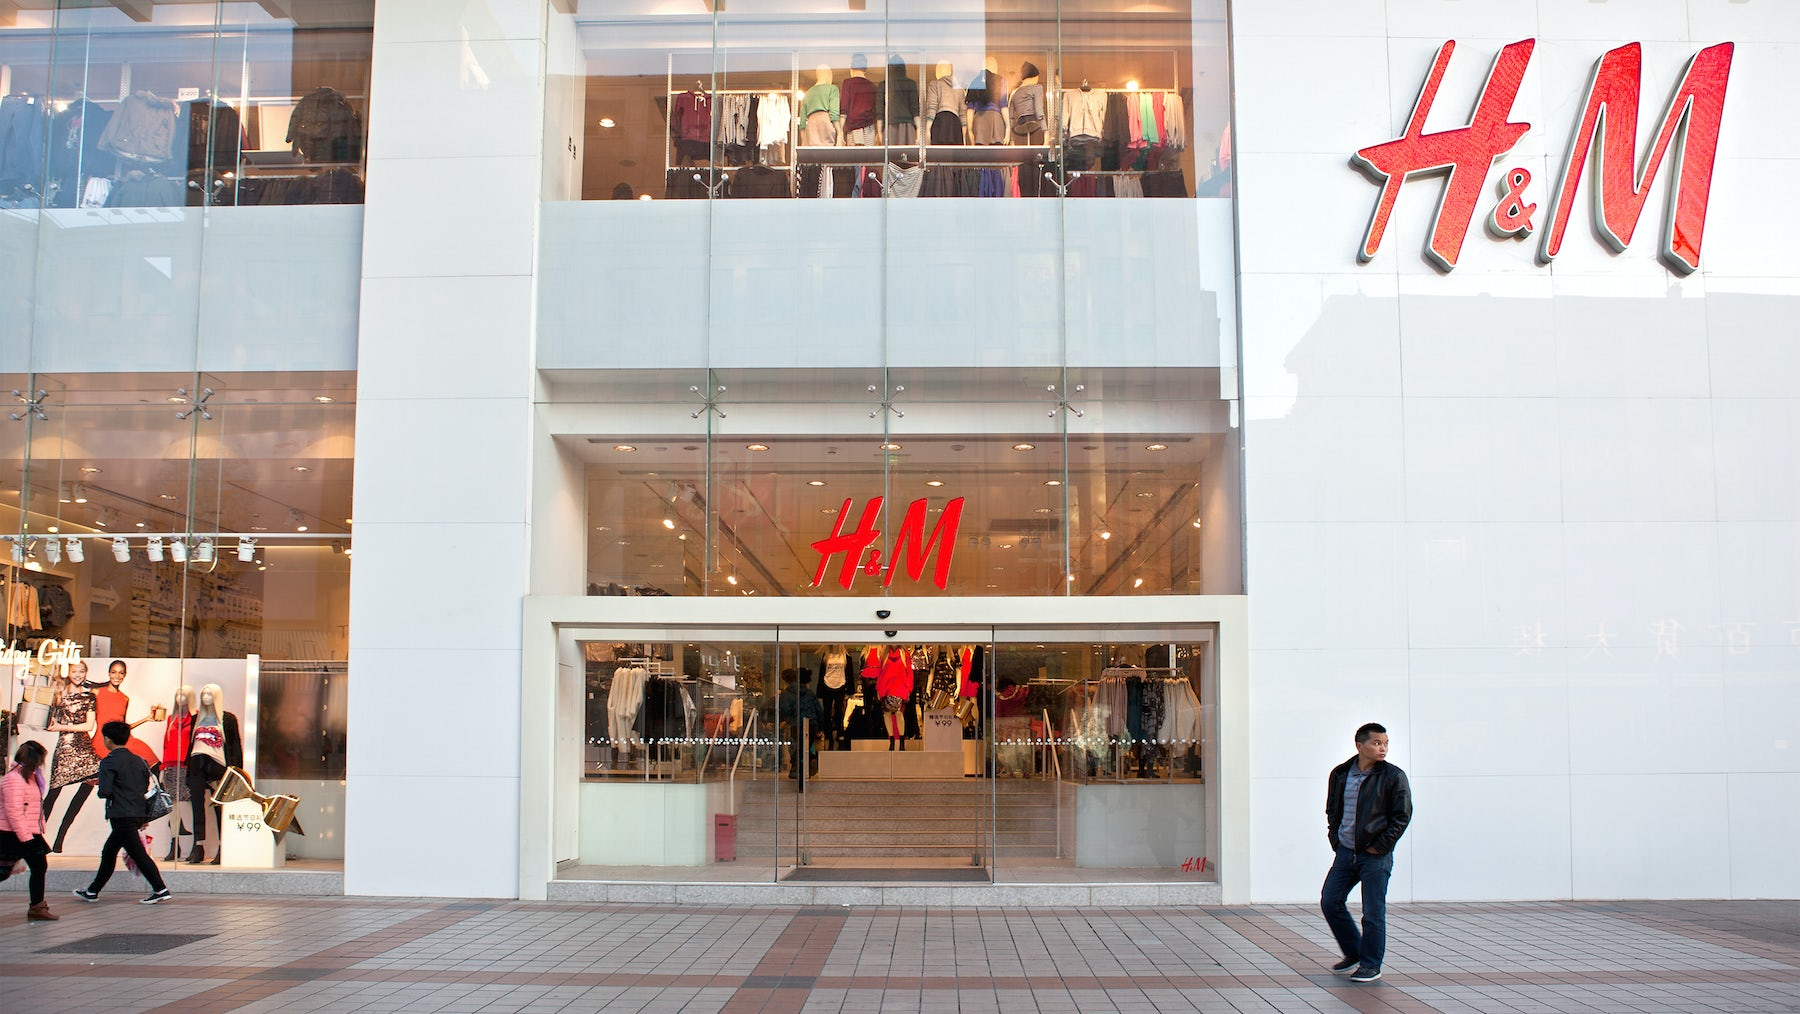 H&M Store, Beijing | Source: Shutterstock